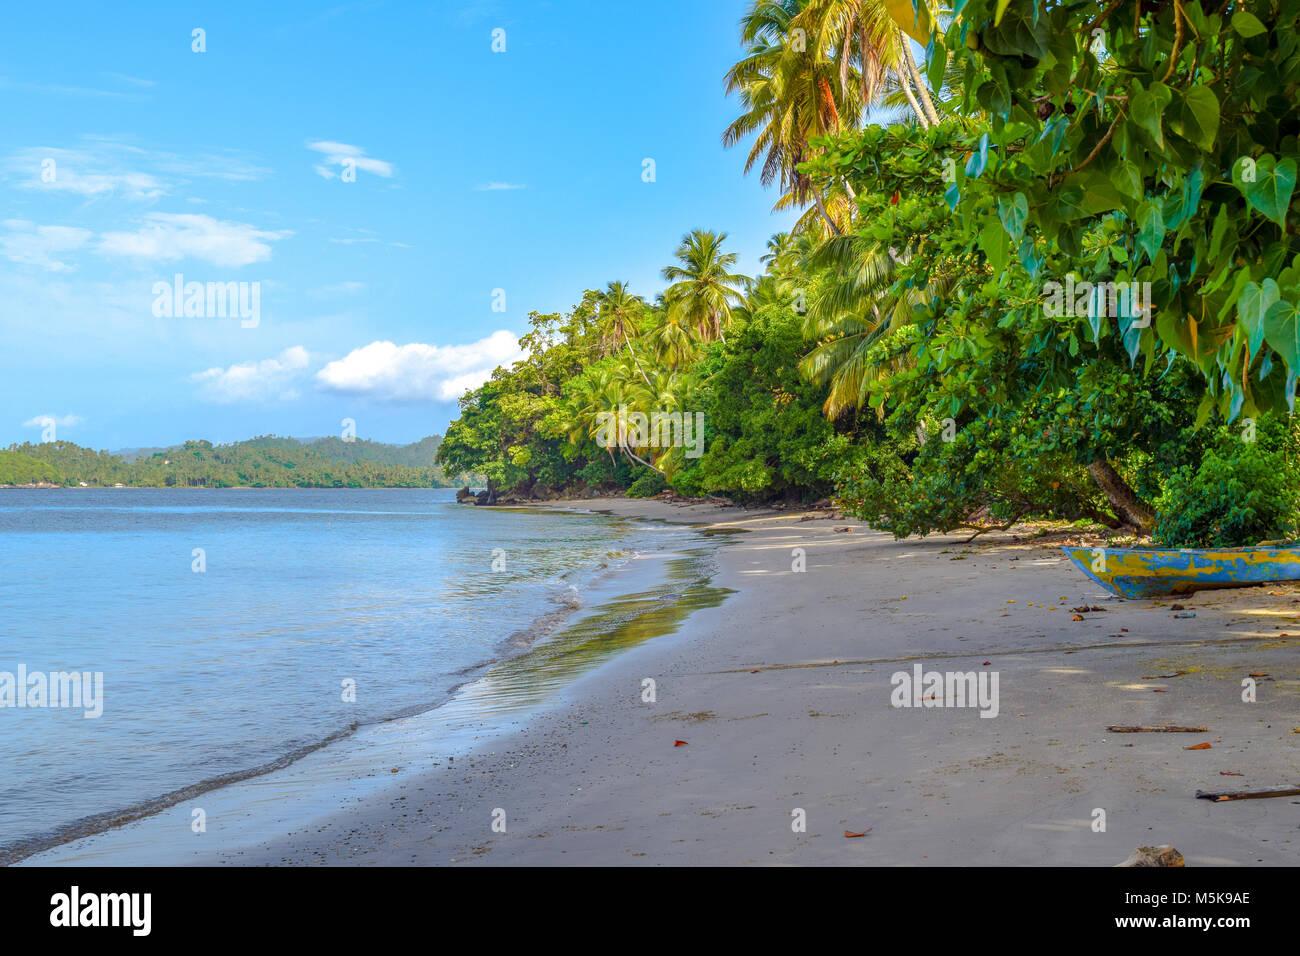 Palme e una vecchia imbarcazione, spiaggia sabbiosa, Repubblica Dominicana, mar dei Caraibi Immagini Stock